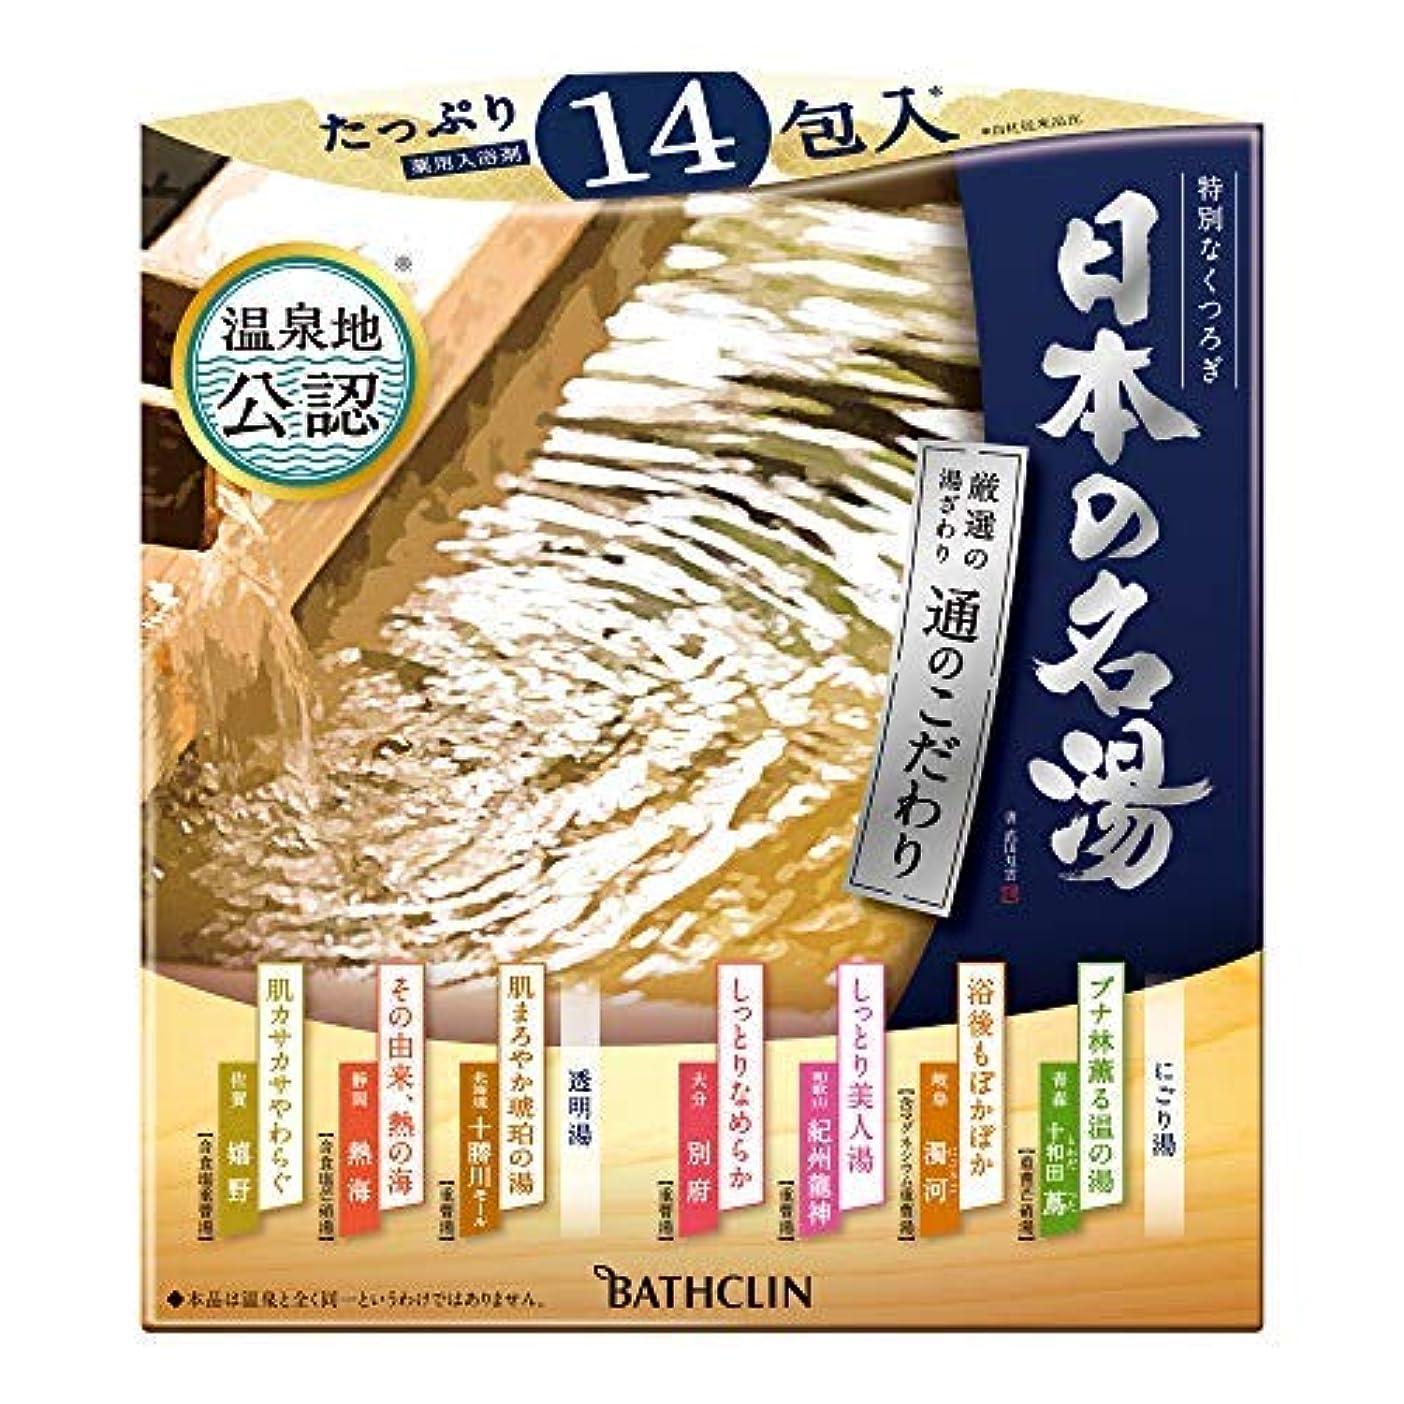 仲間柔らかさ野な日本の名湯 通のこだわり 30g×14包 × 9個セット